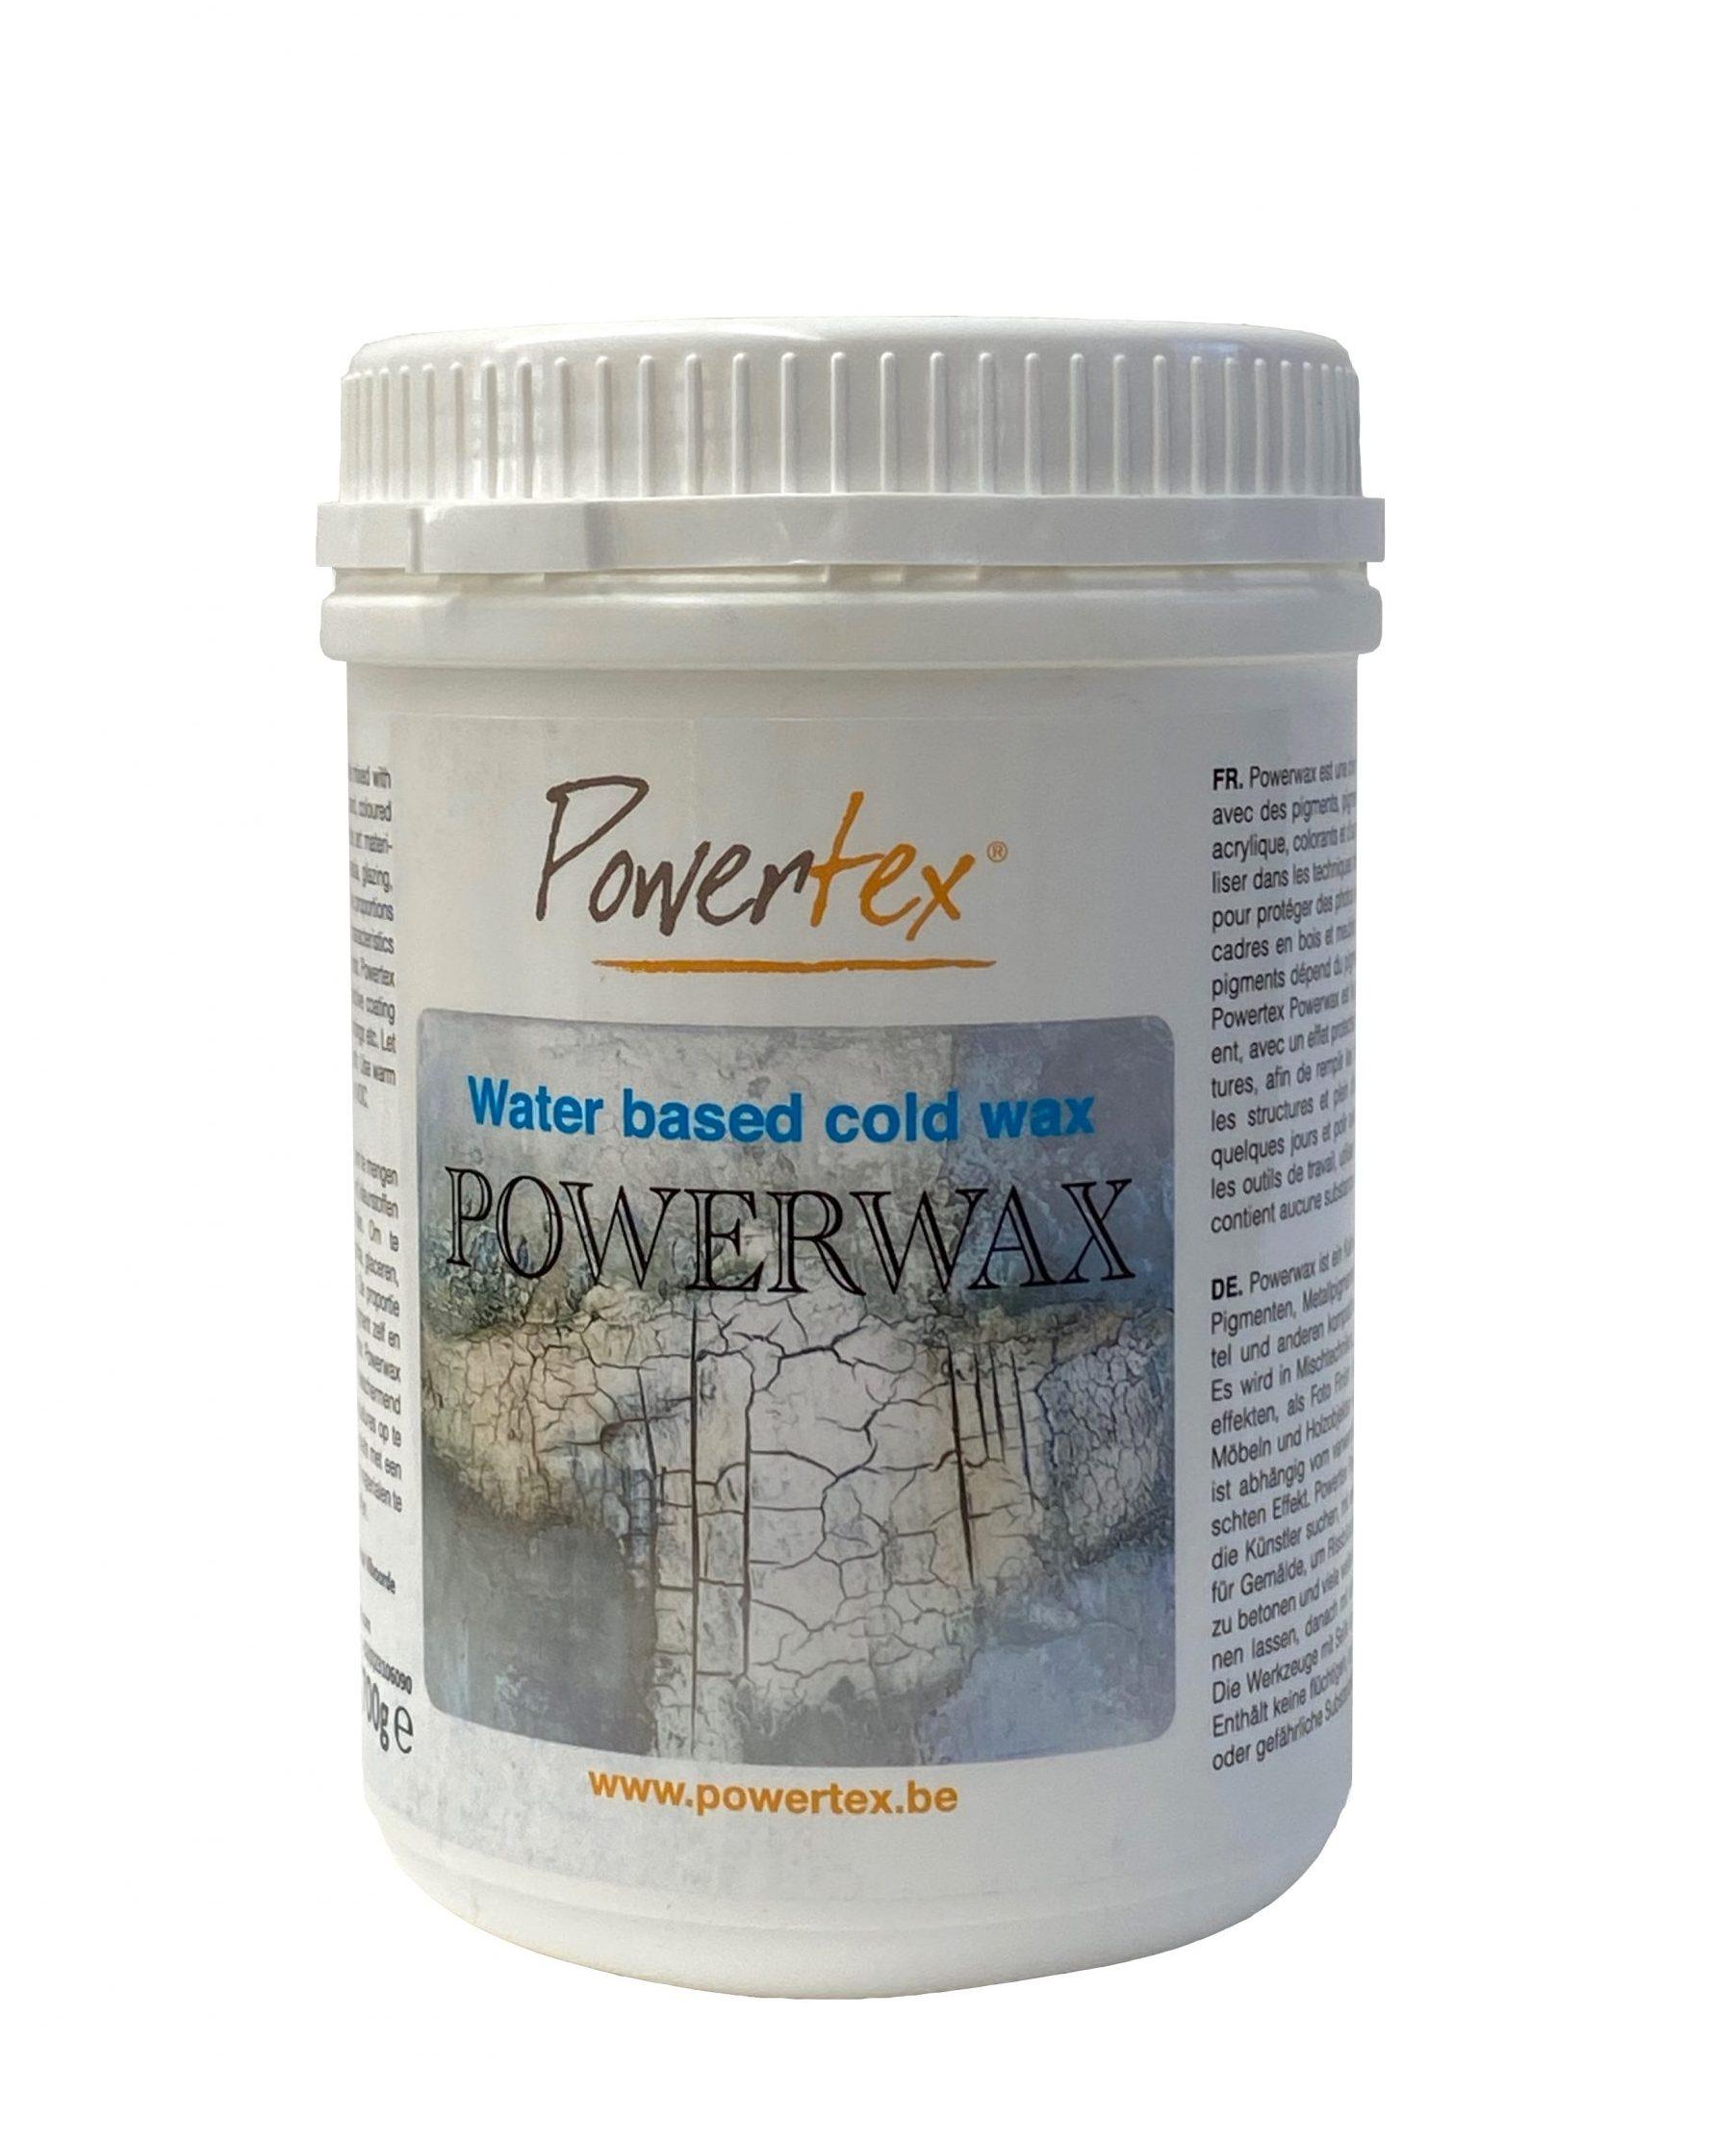 Powerwax